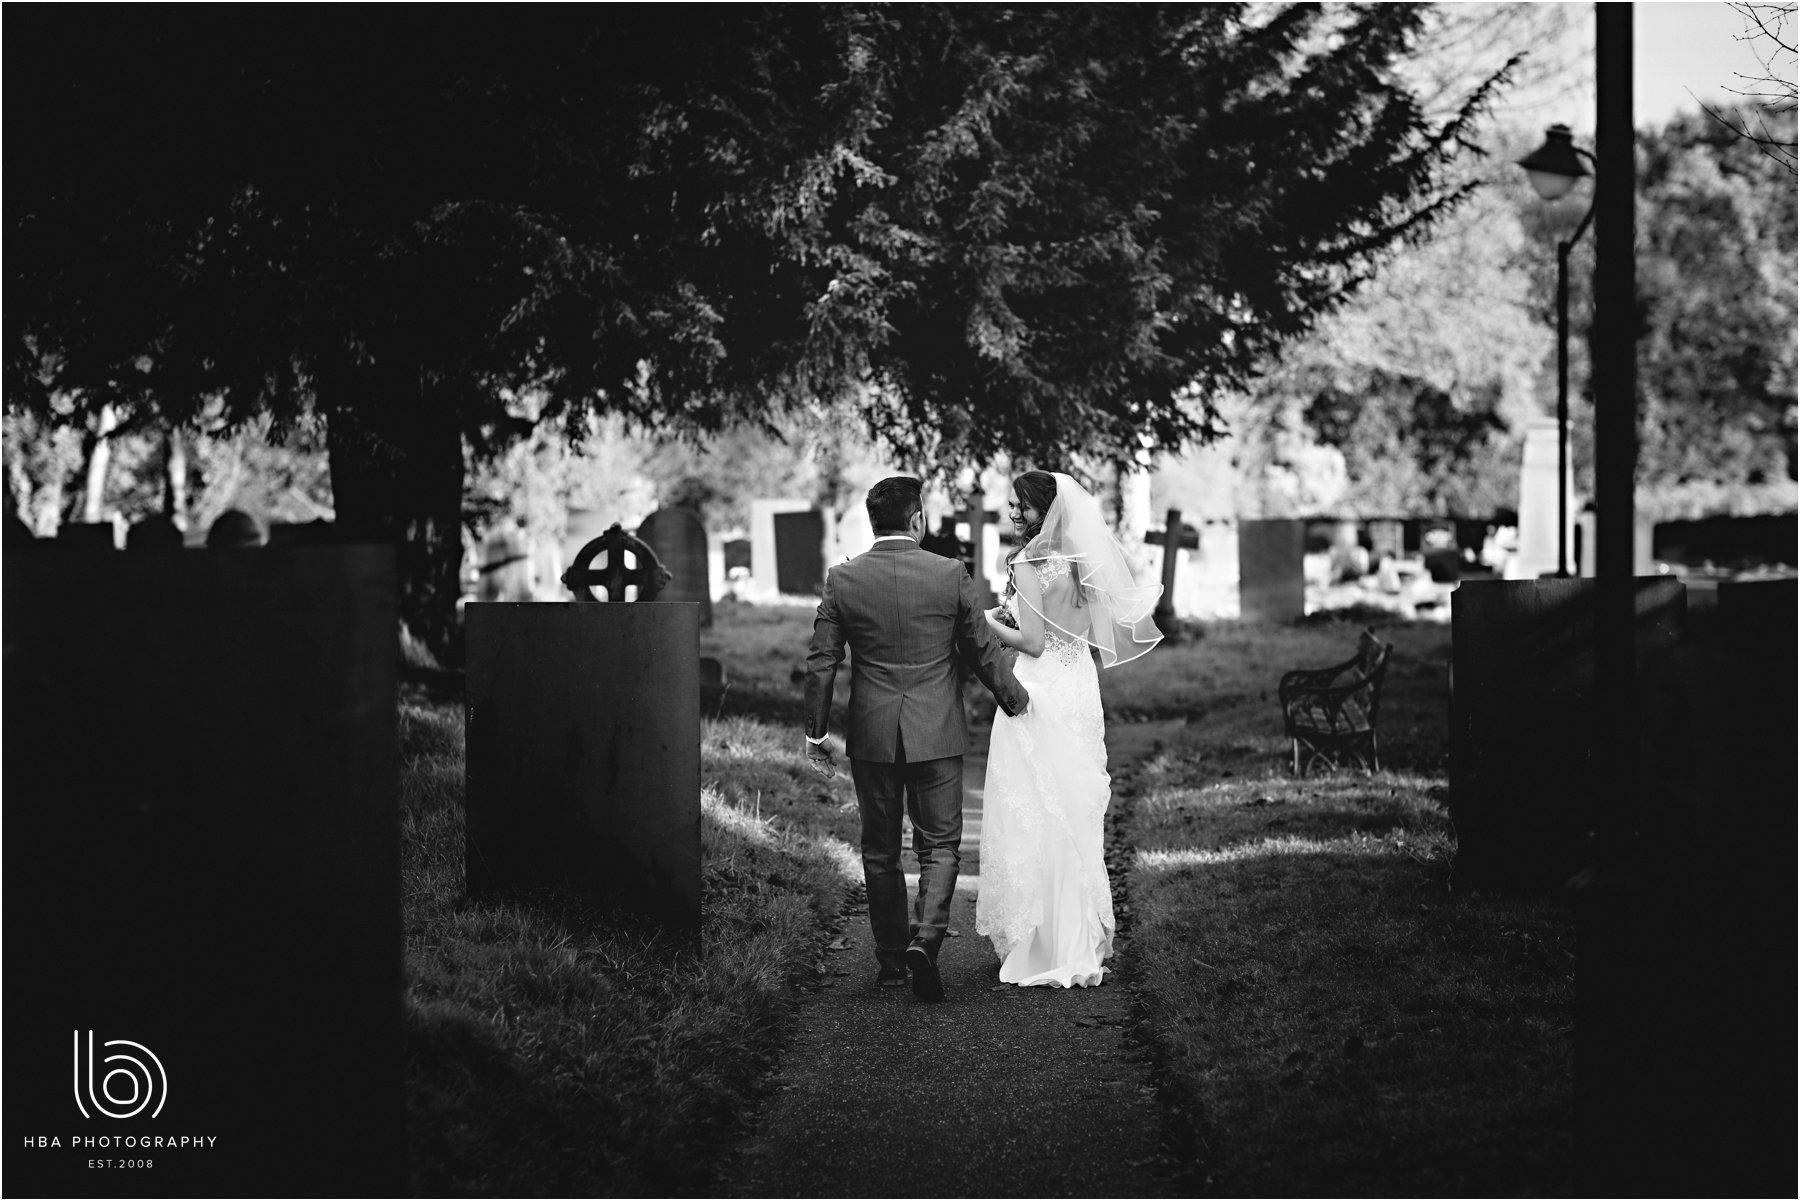 the bride & groom walking down the church path